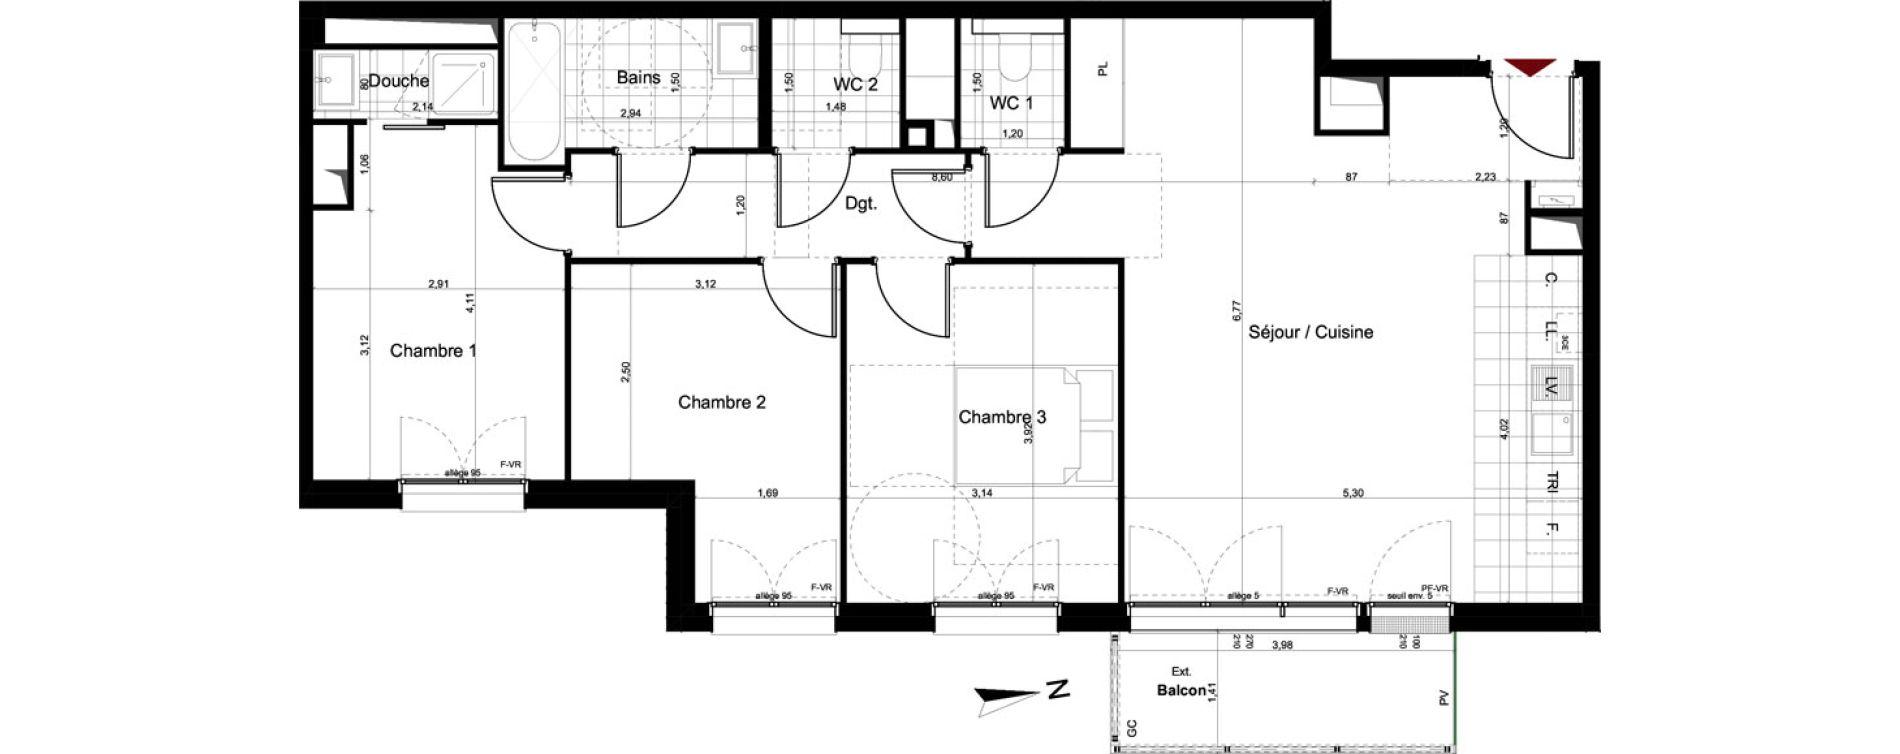 Appartement T4 de 85,18 m2 au Pré-Saint-Gervais Le pre st gervais